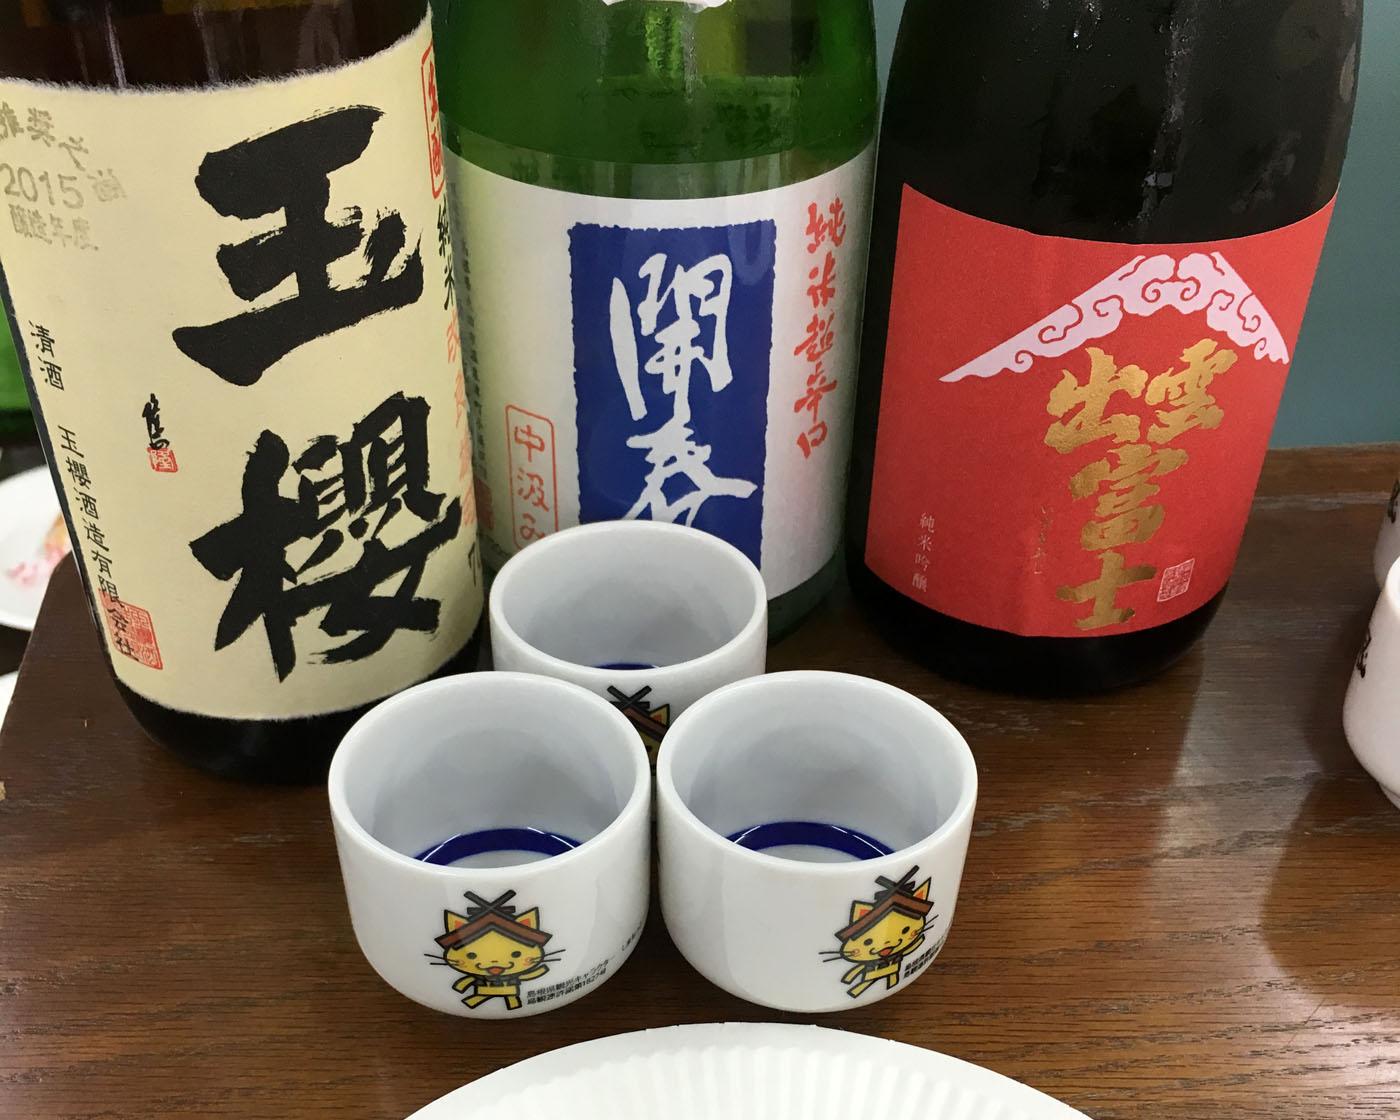 Enjoy the world of Sake